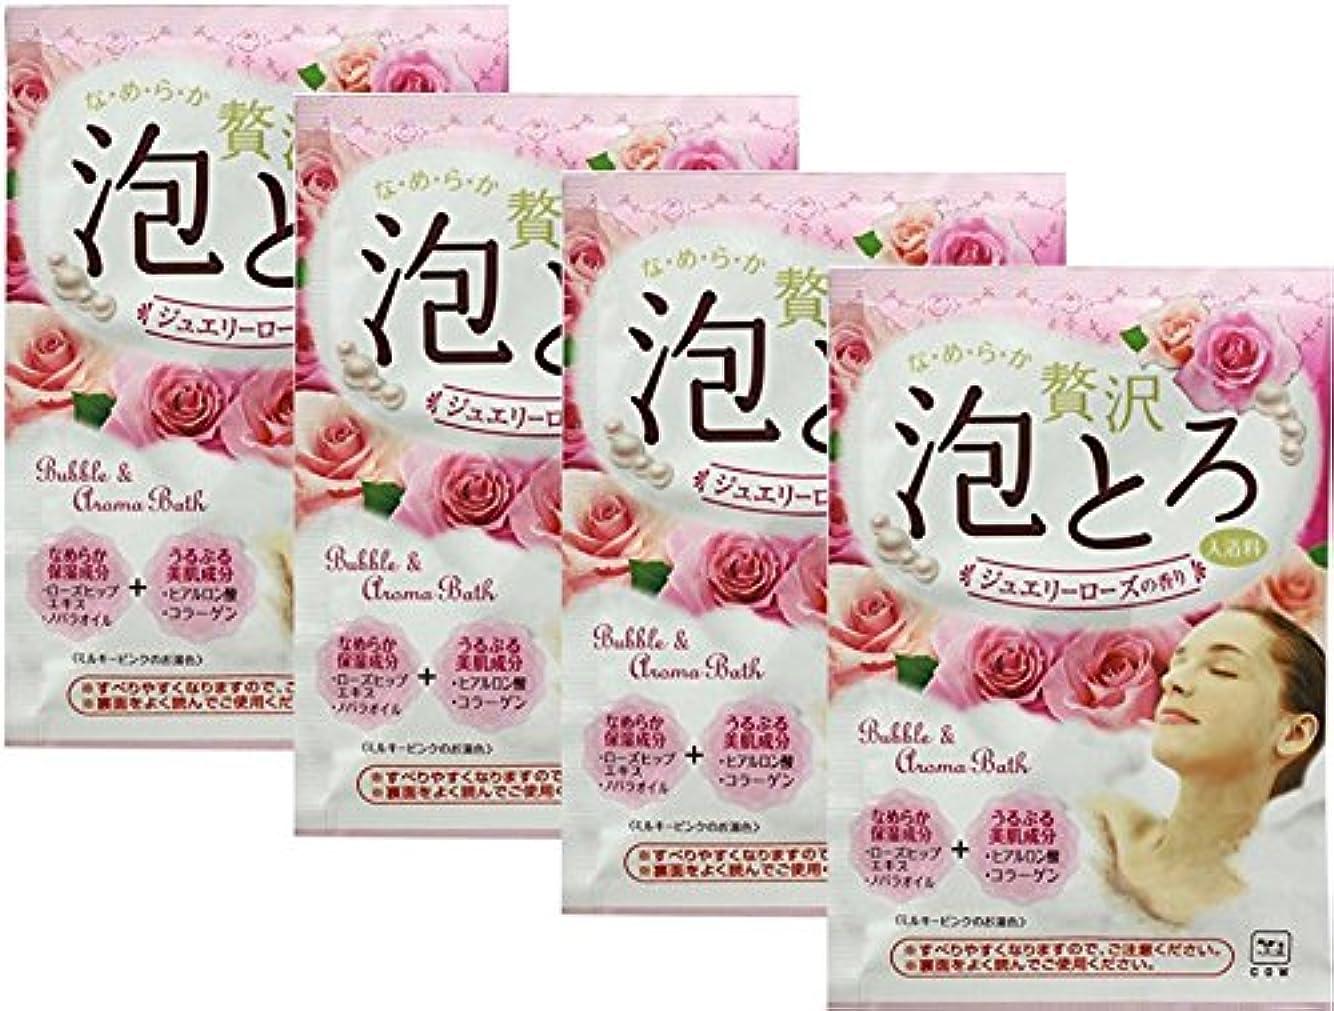 ミントどれ余分な牛乳石鹸共進社 贅沢泡とろ 入浴料 ジュエリーローズの香り 30g 【4点セット】